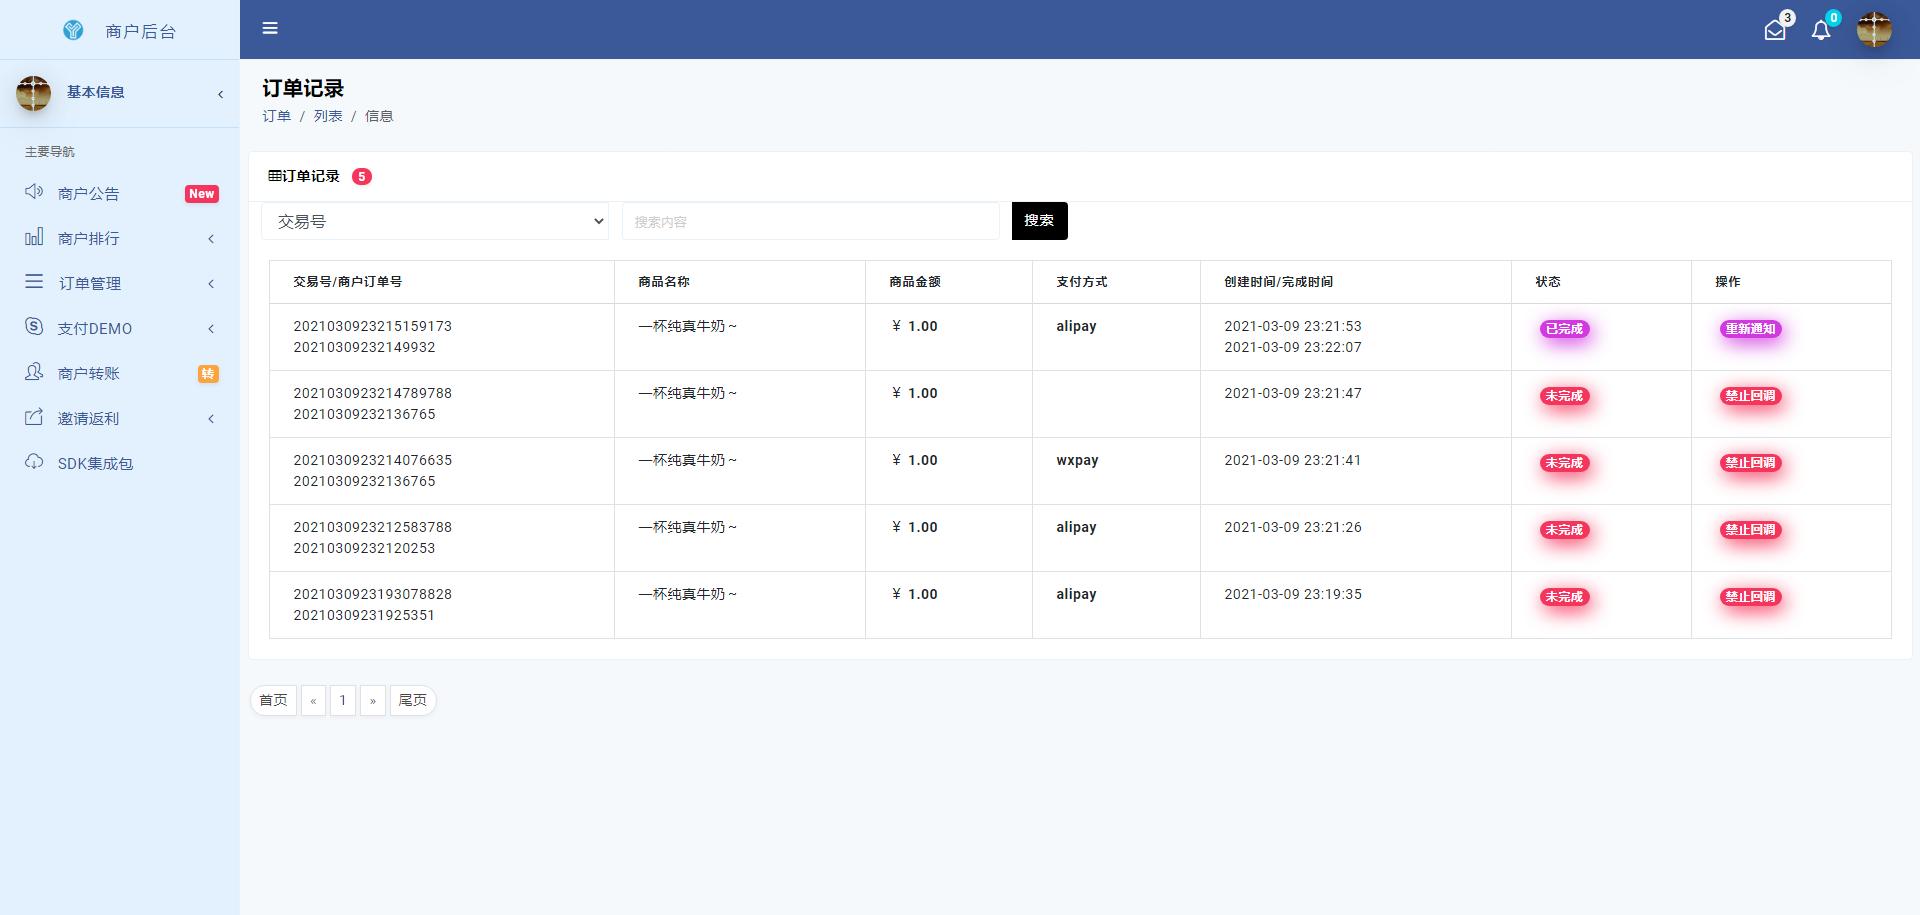 完美运营版捷兔云支付 开源版易支付 第三方支付 官方支付 四方支付 免签约支付 网站源码 第5张